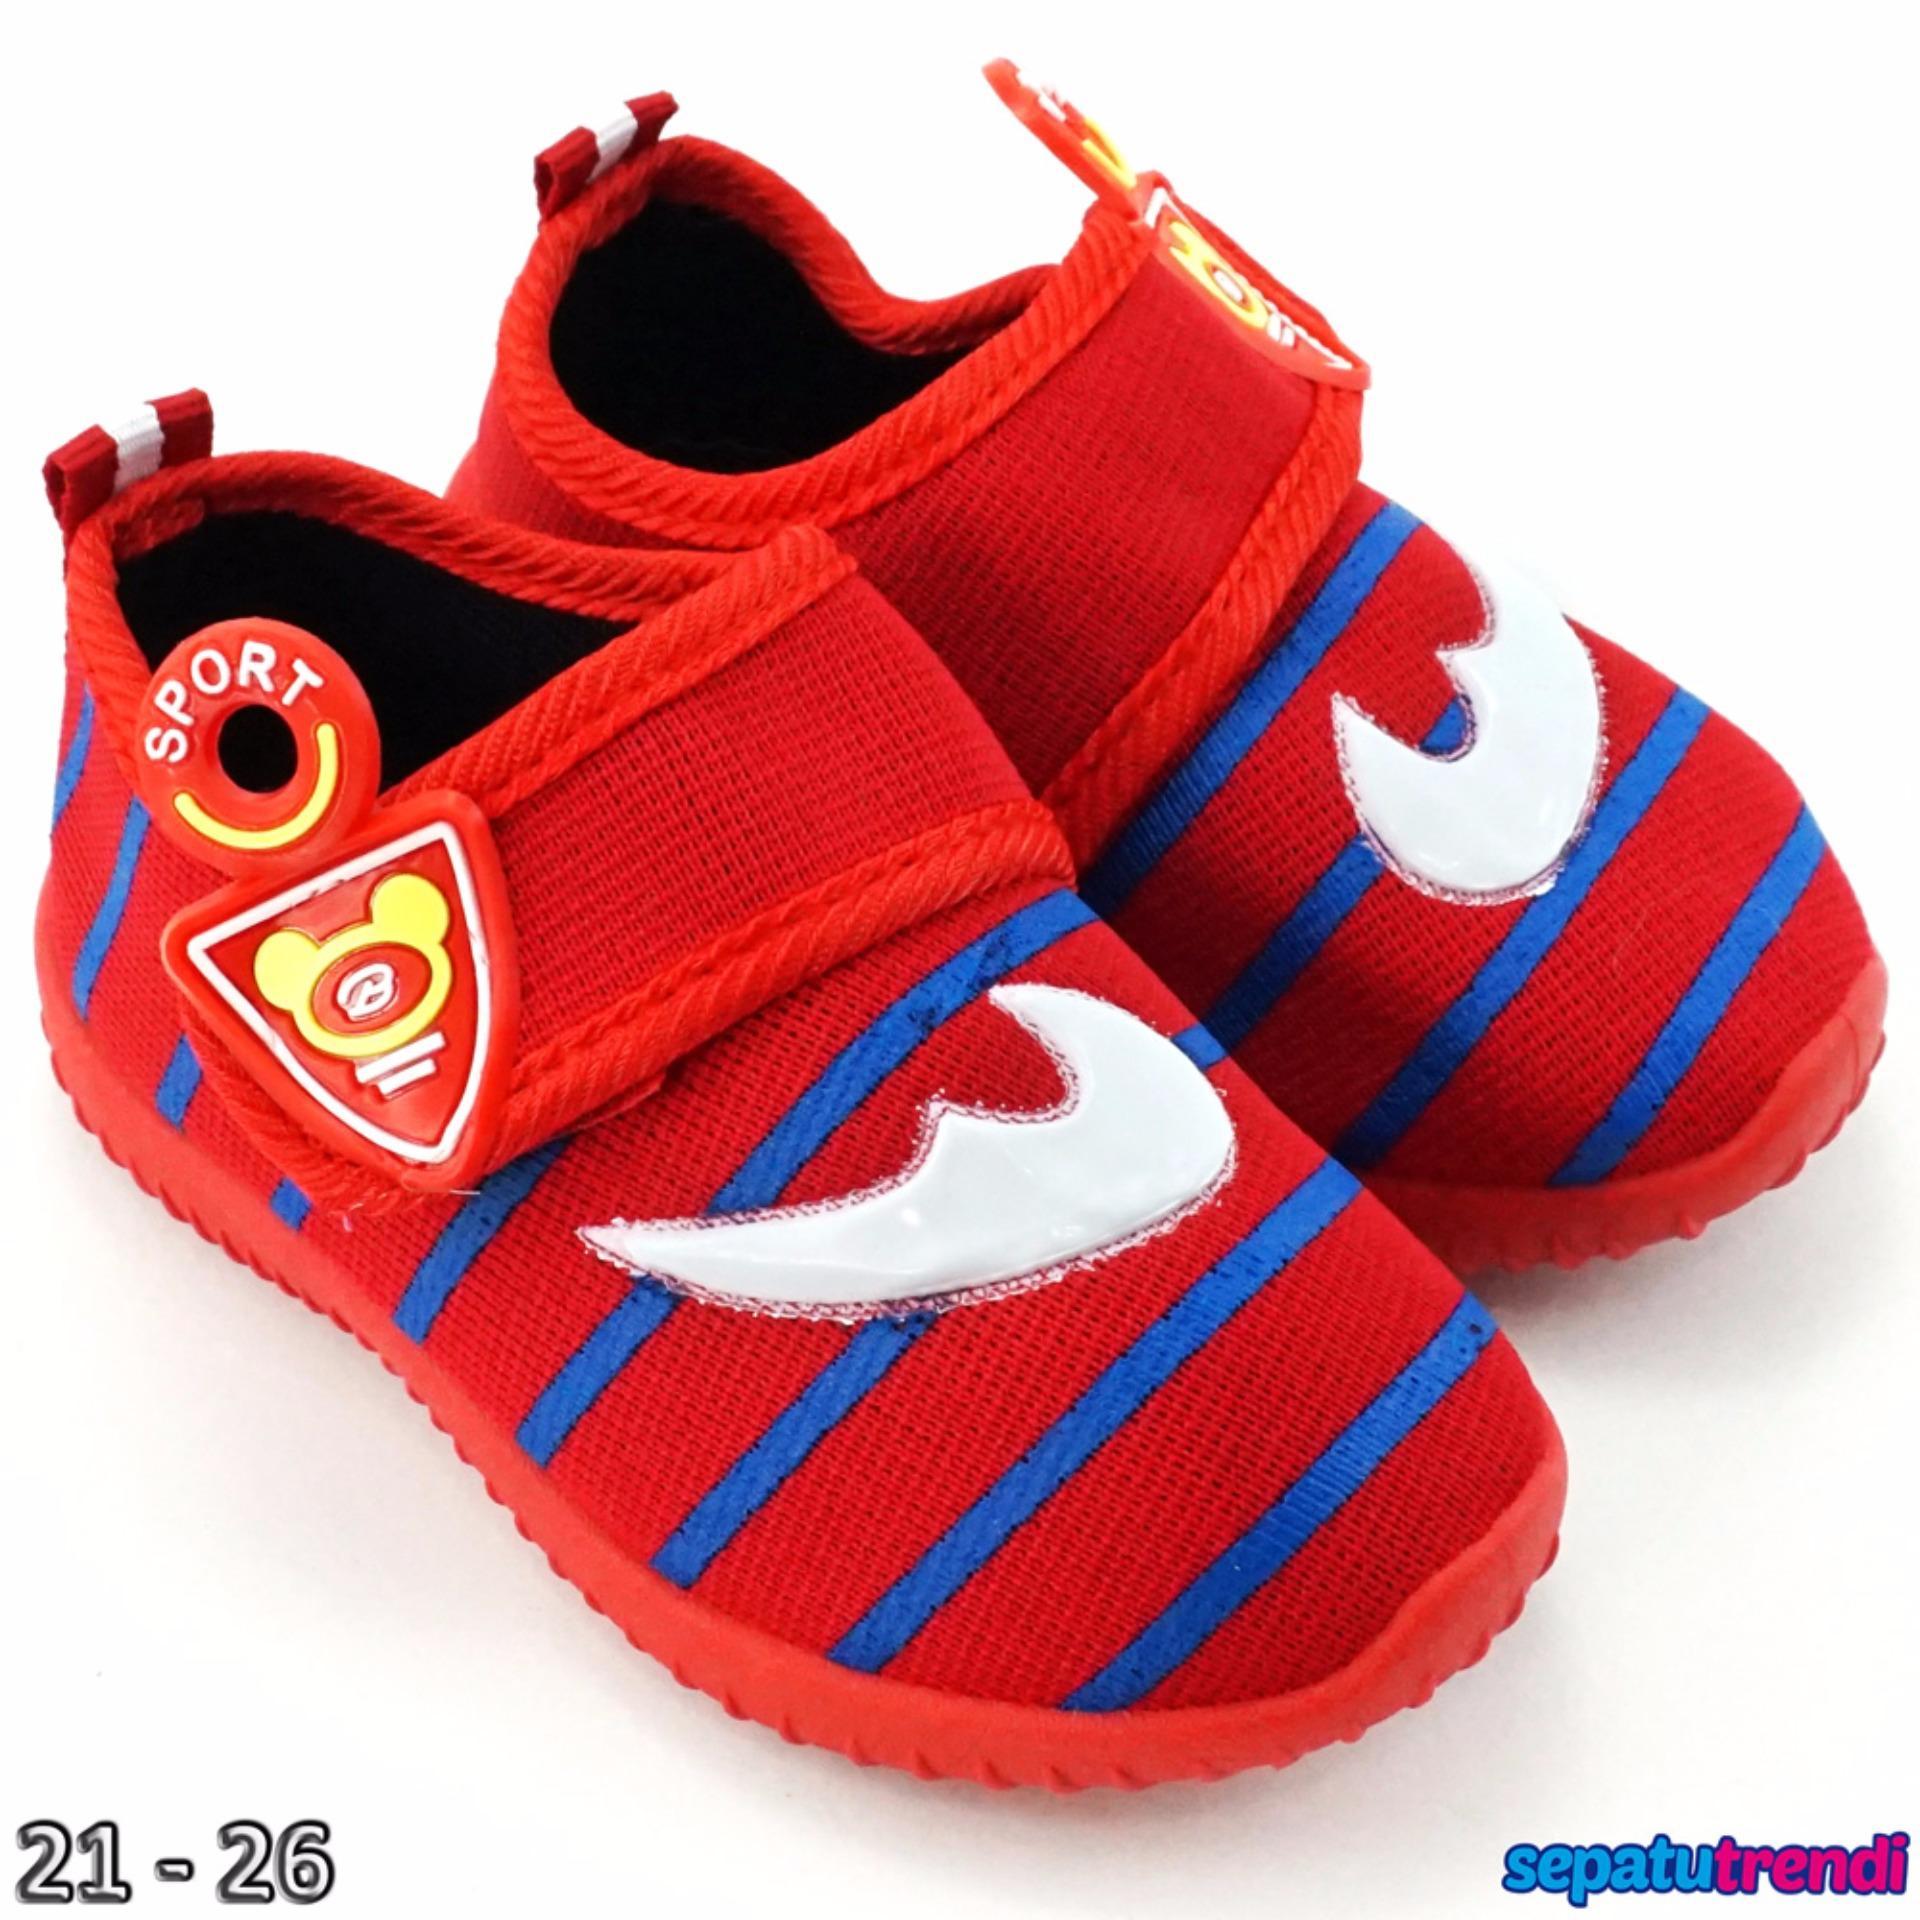 Jual Beli Trendishoes Sepatu Anak Bayi Cowo Velcro Boomerang Rdcnik Merah Di Jawa Barat